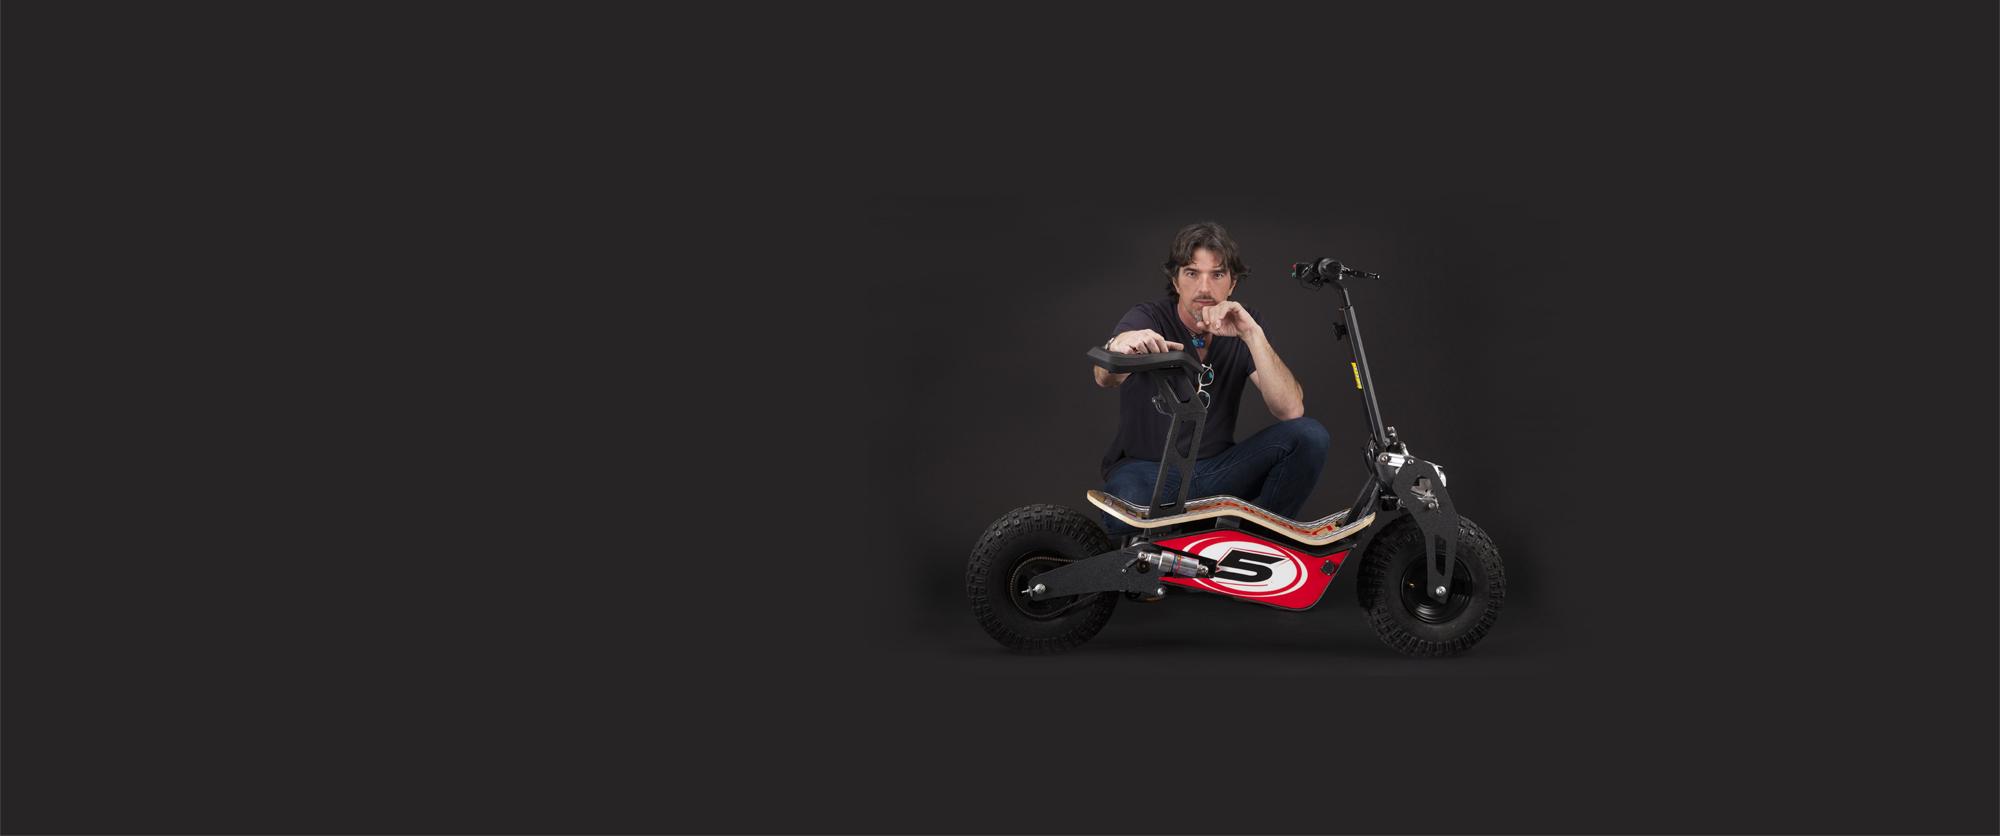 mad-the-new-velocifero-designed-by-alessandro-tartarini-italian-designer-eicma-2015